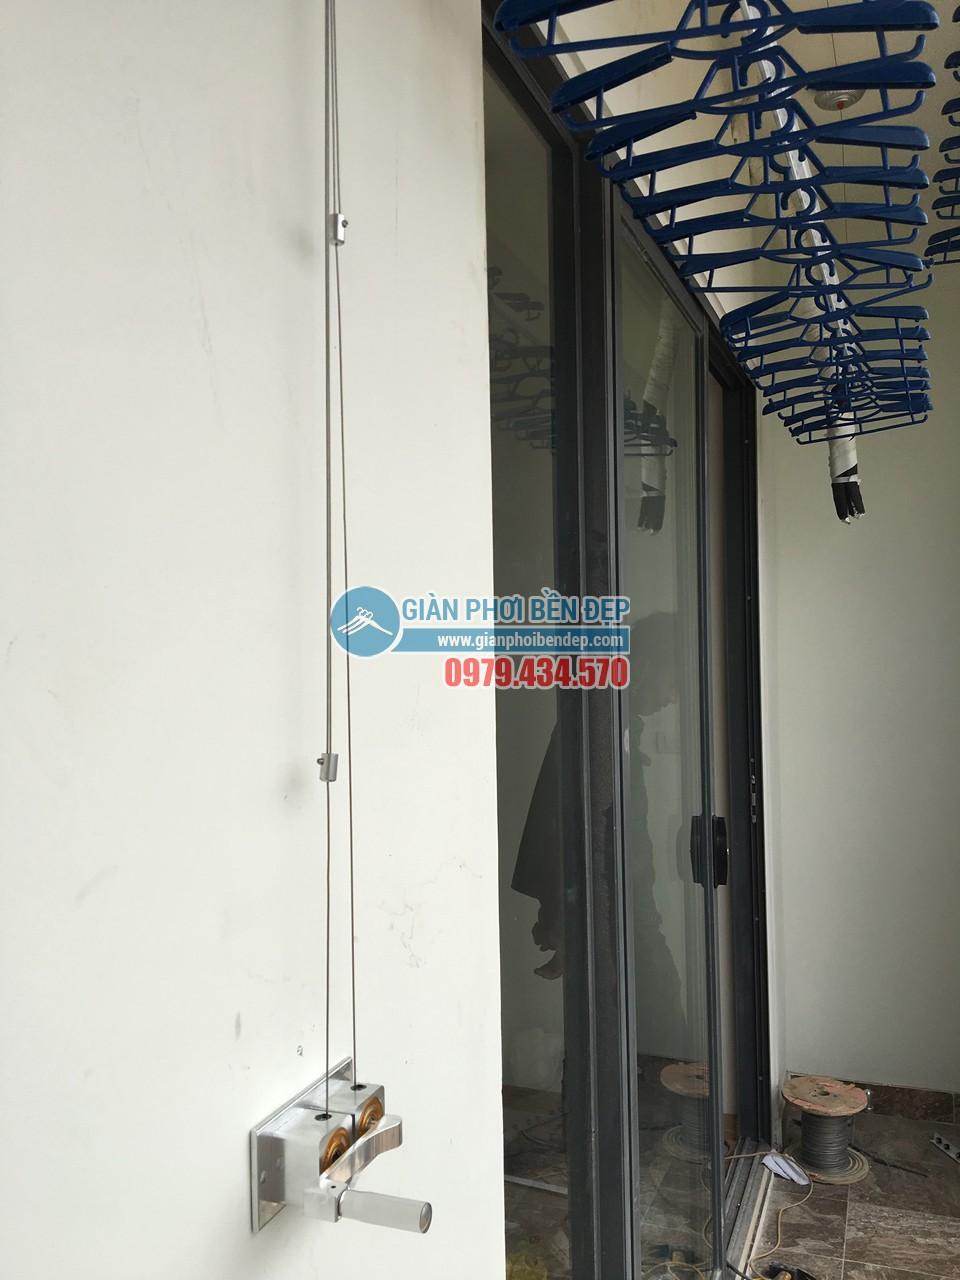 Bán buôn linh kiện giàn phơi thông minh giá rẻ, chính hãng tại Hà NộiBán buôn linh kiện giàn phơi thông minh giá rẻ, chính hãng tại Hà Nội